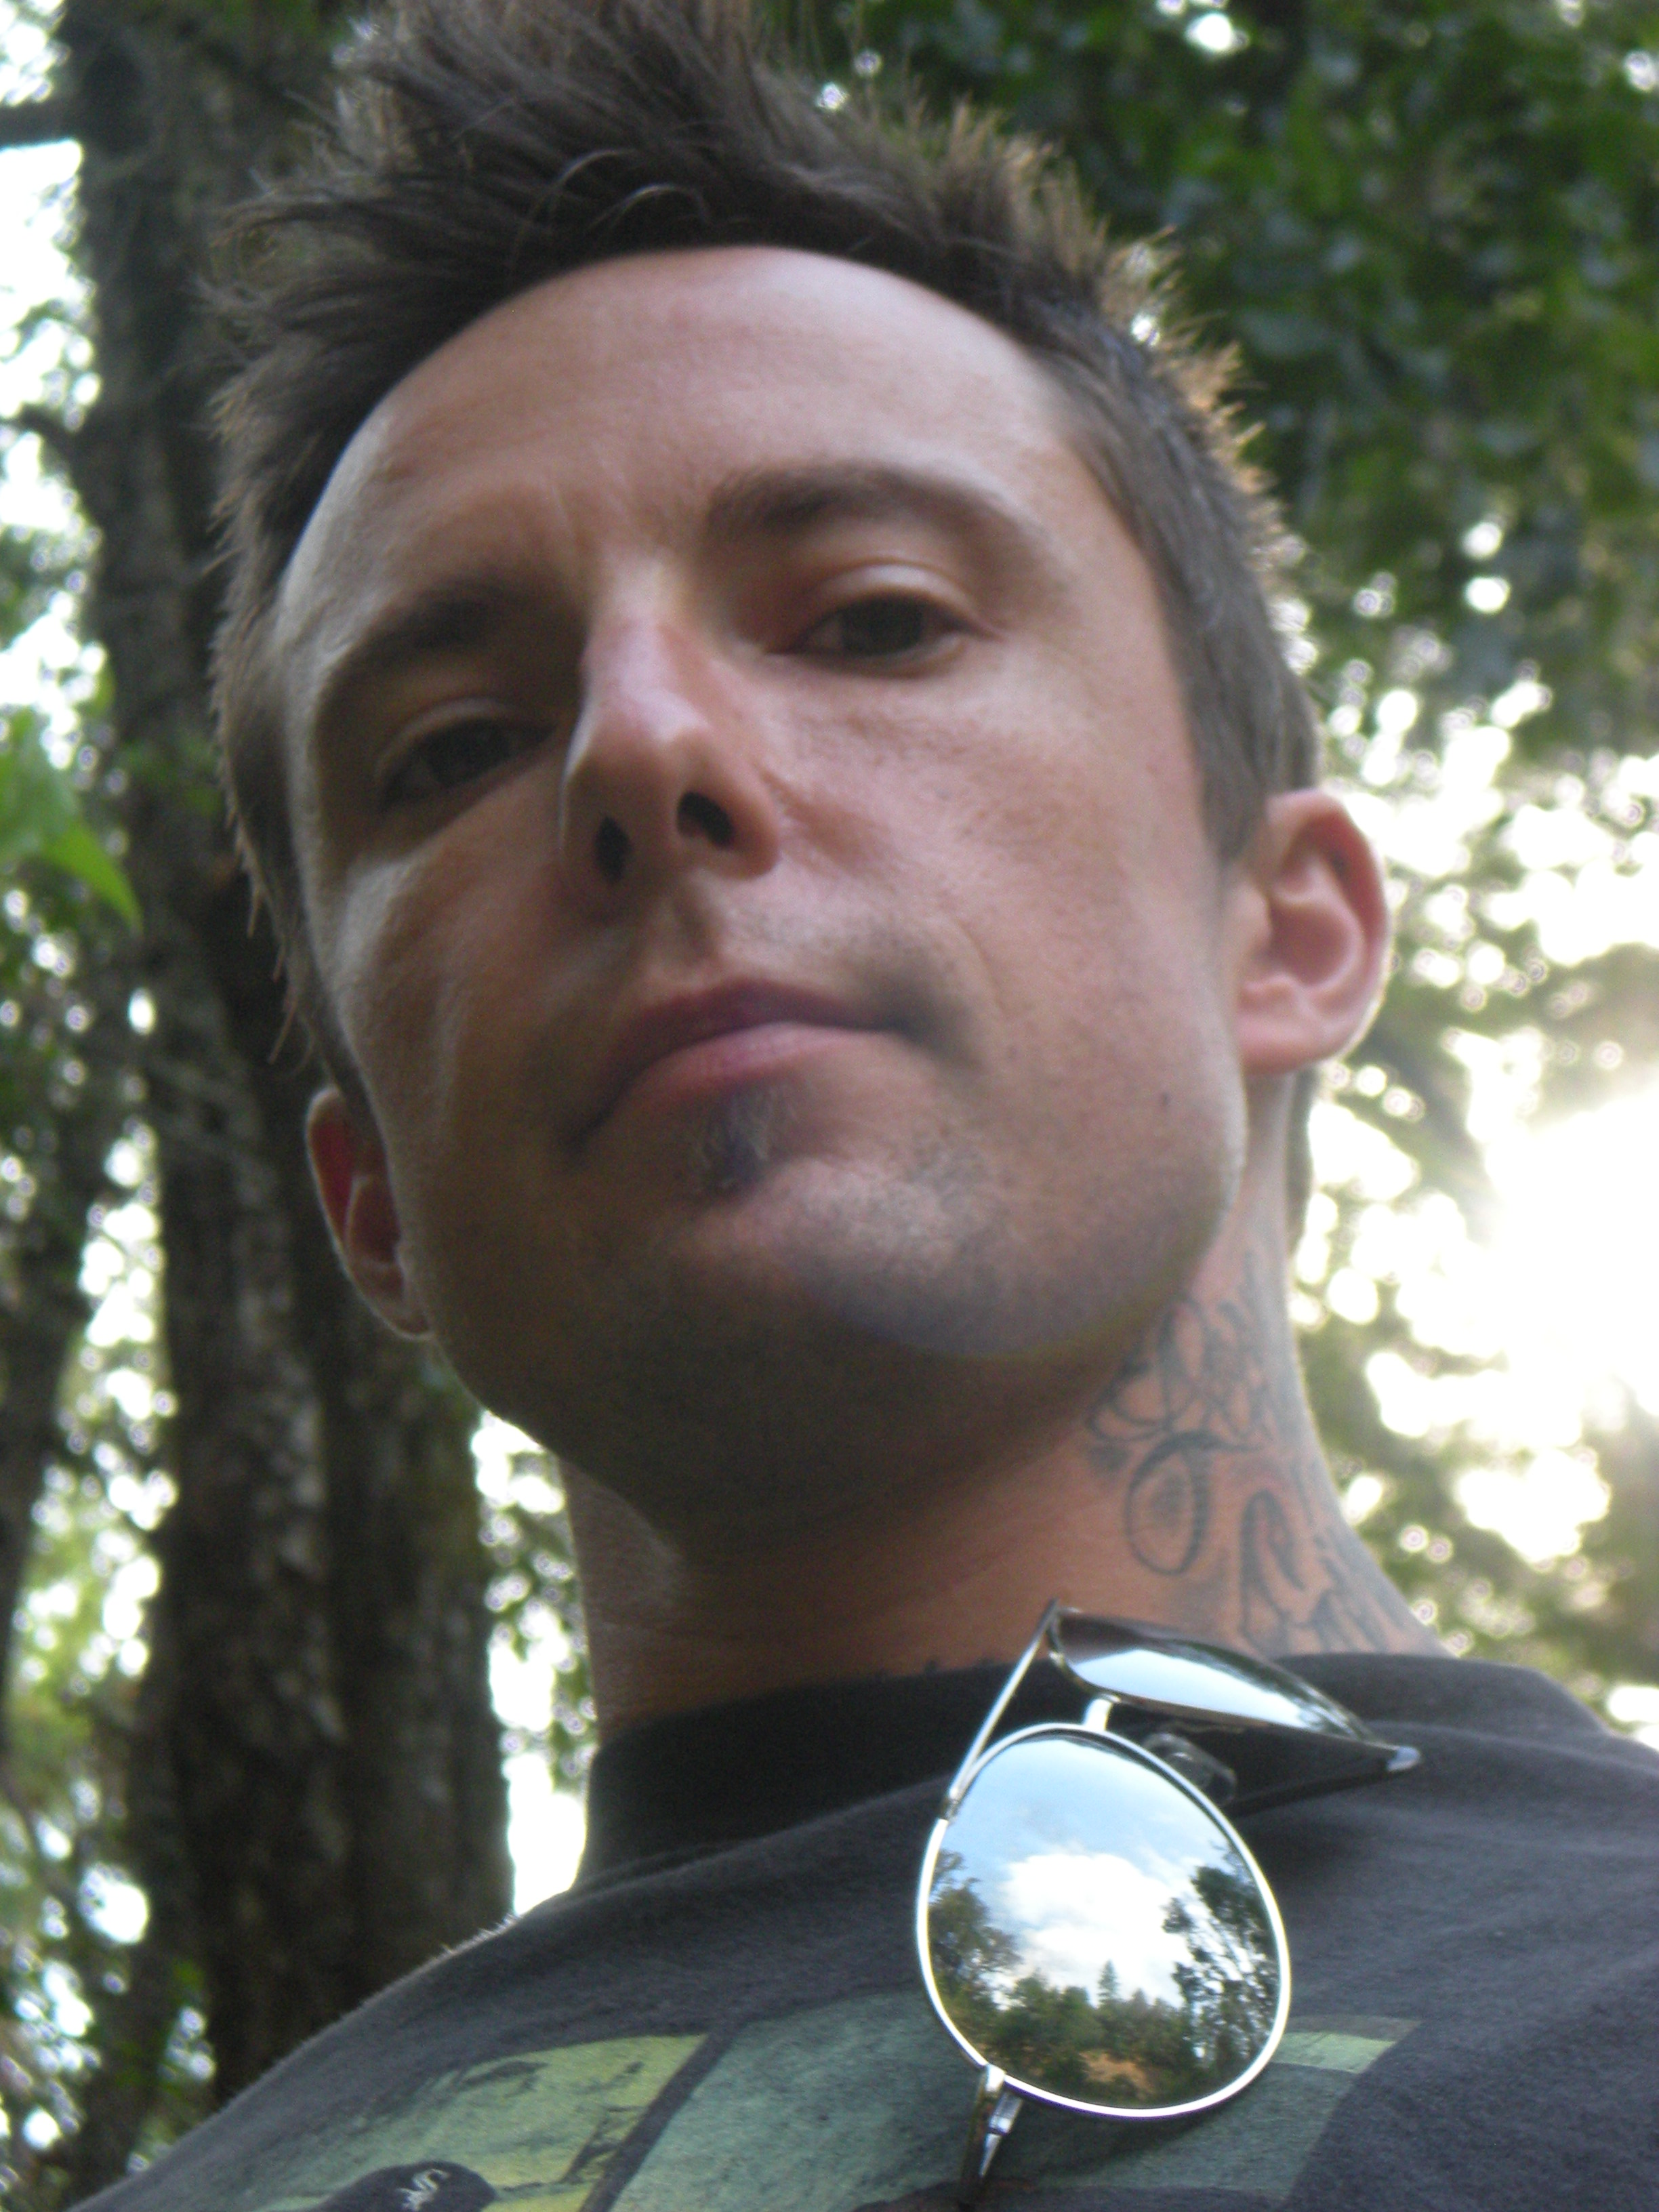 Tyson Aaron Berg